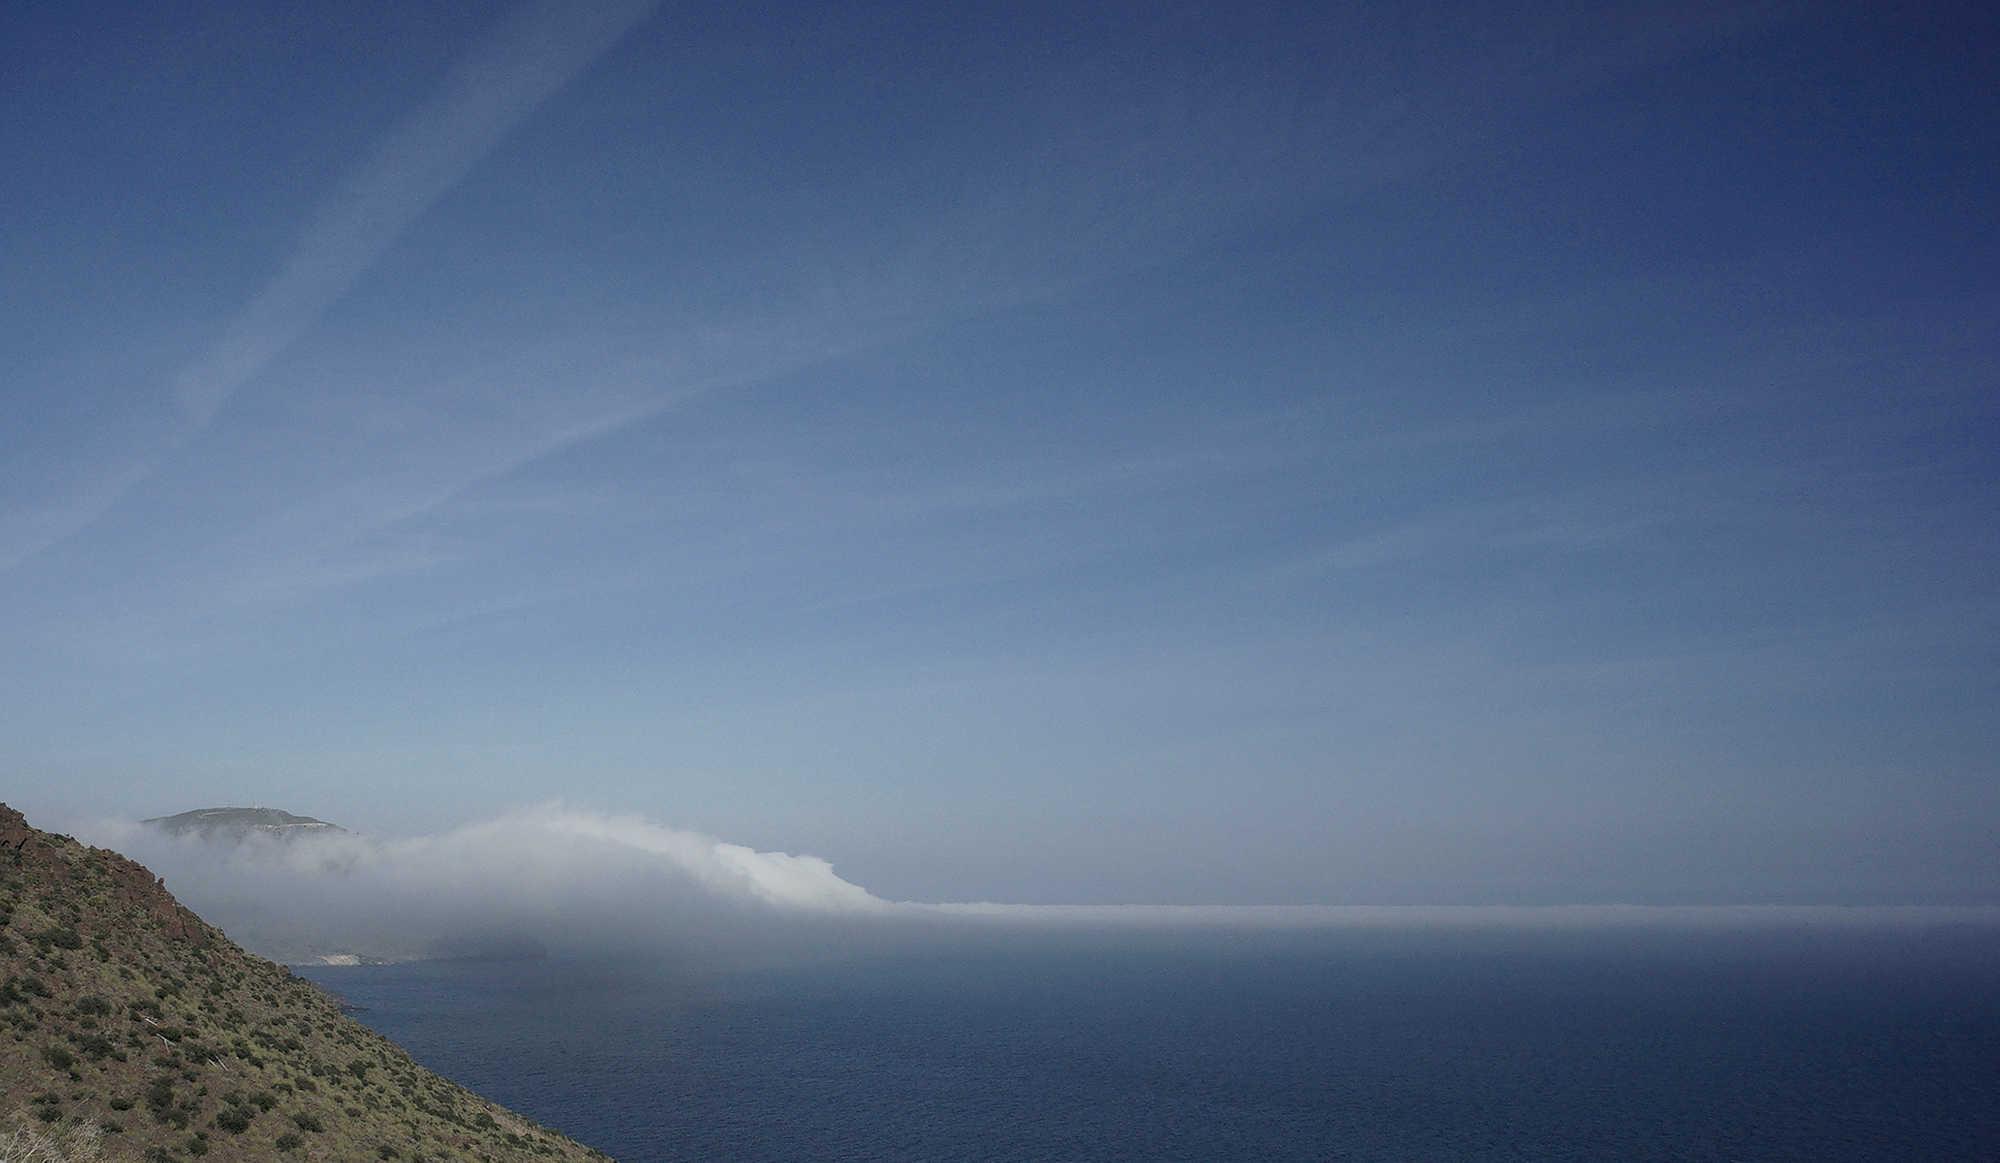 * eine außergewöhnliche Wetterlage ~ Nebel vom Meer klettert die Küste hinauf *